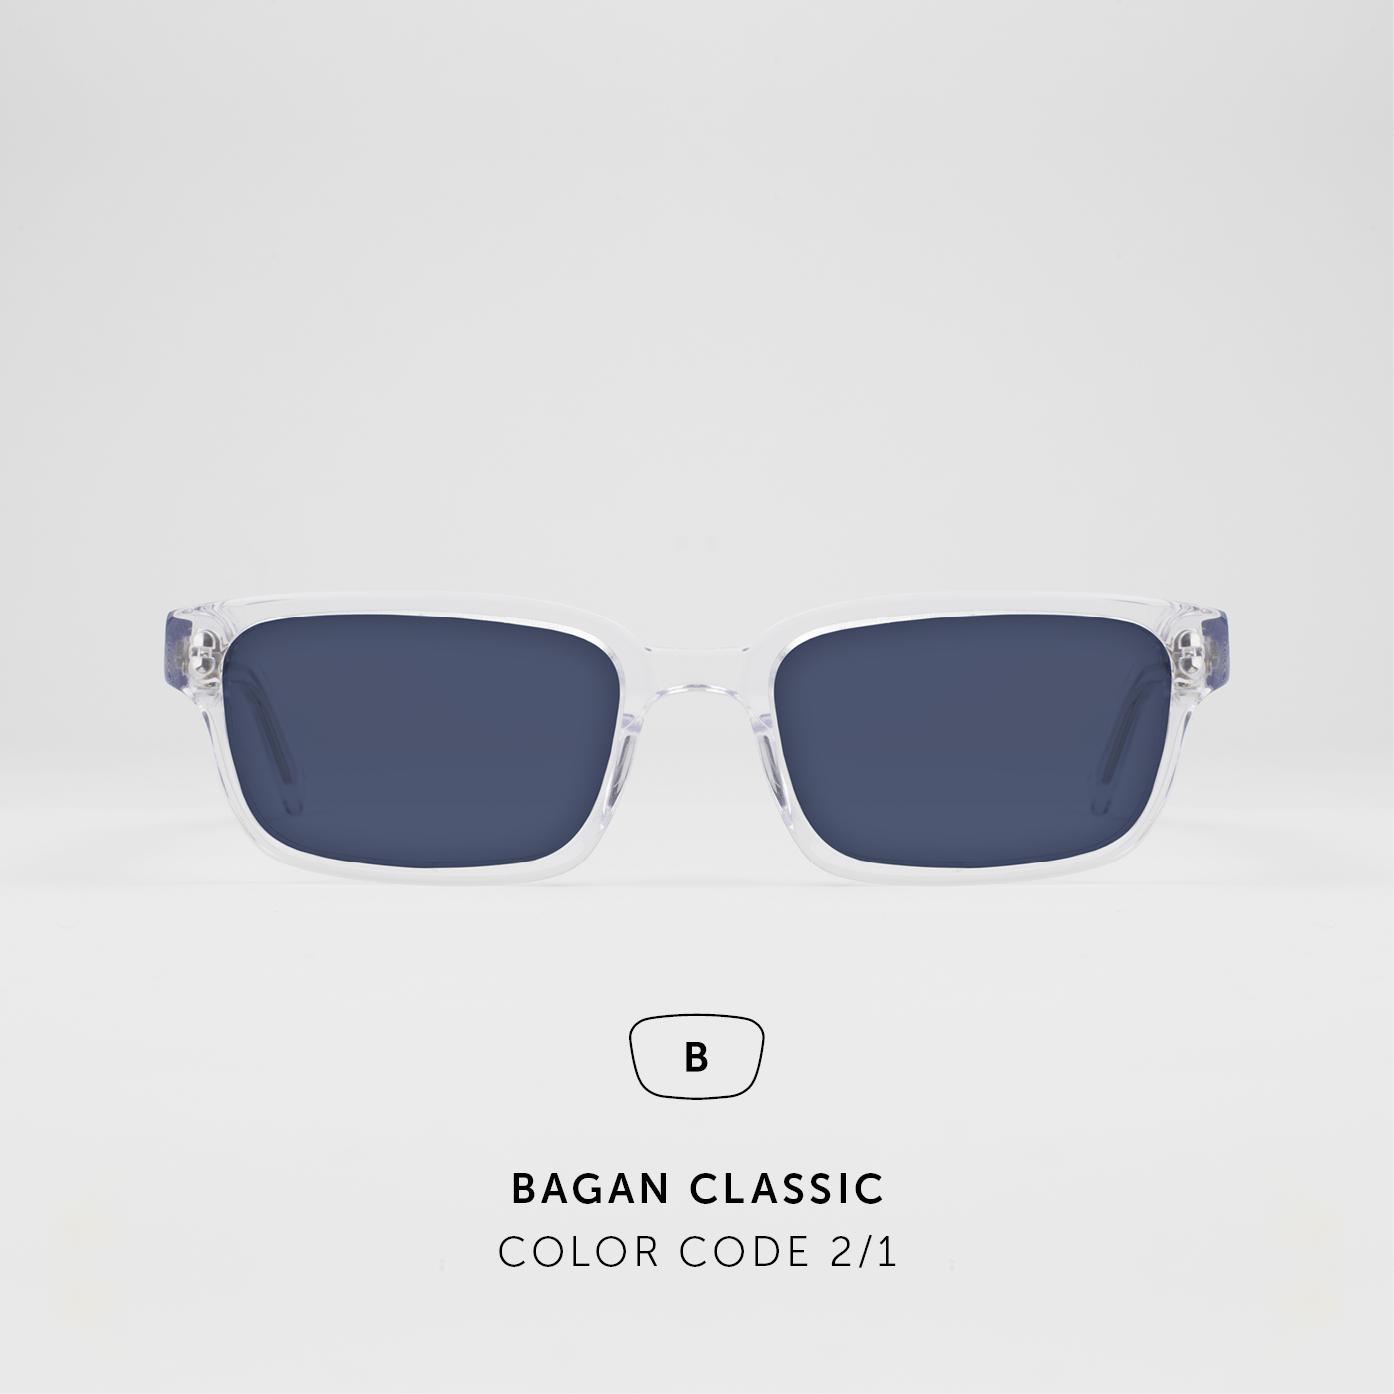 BaganClassic12.jpg